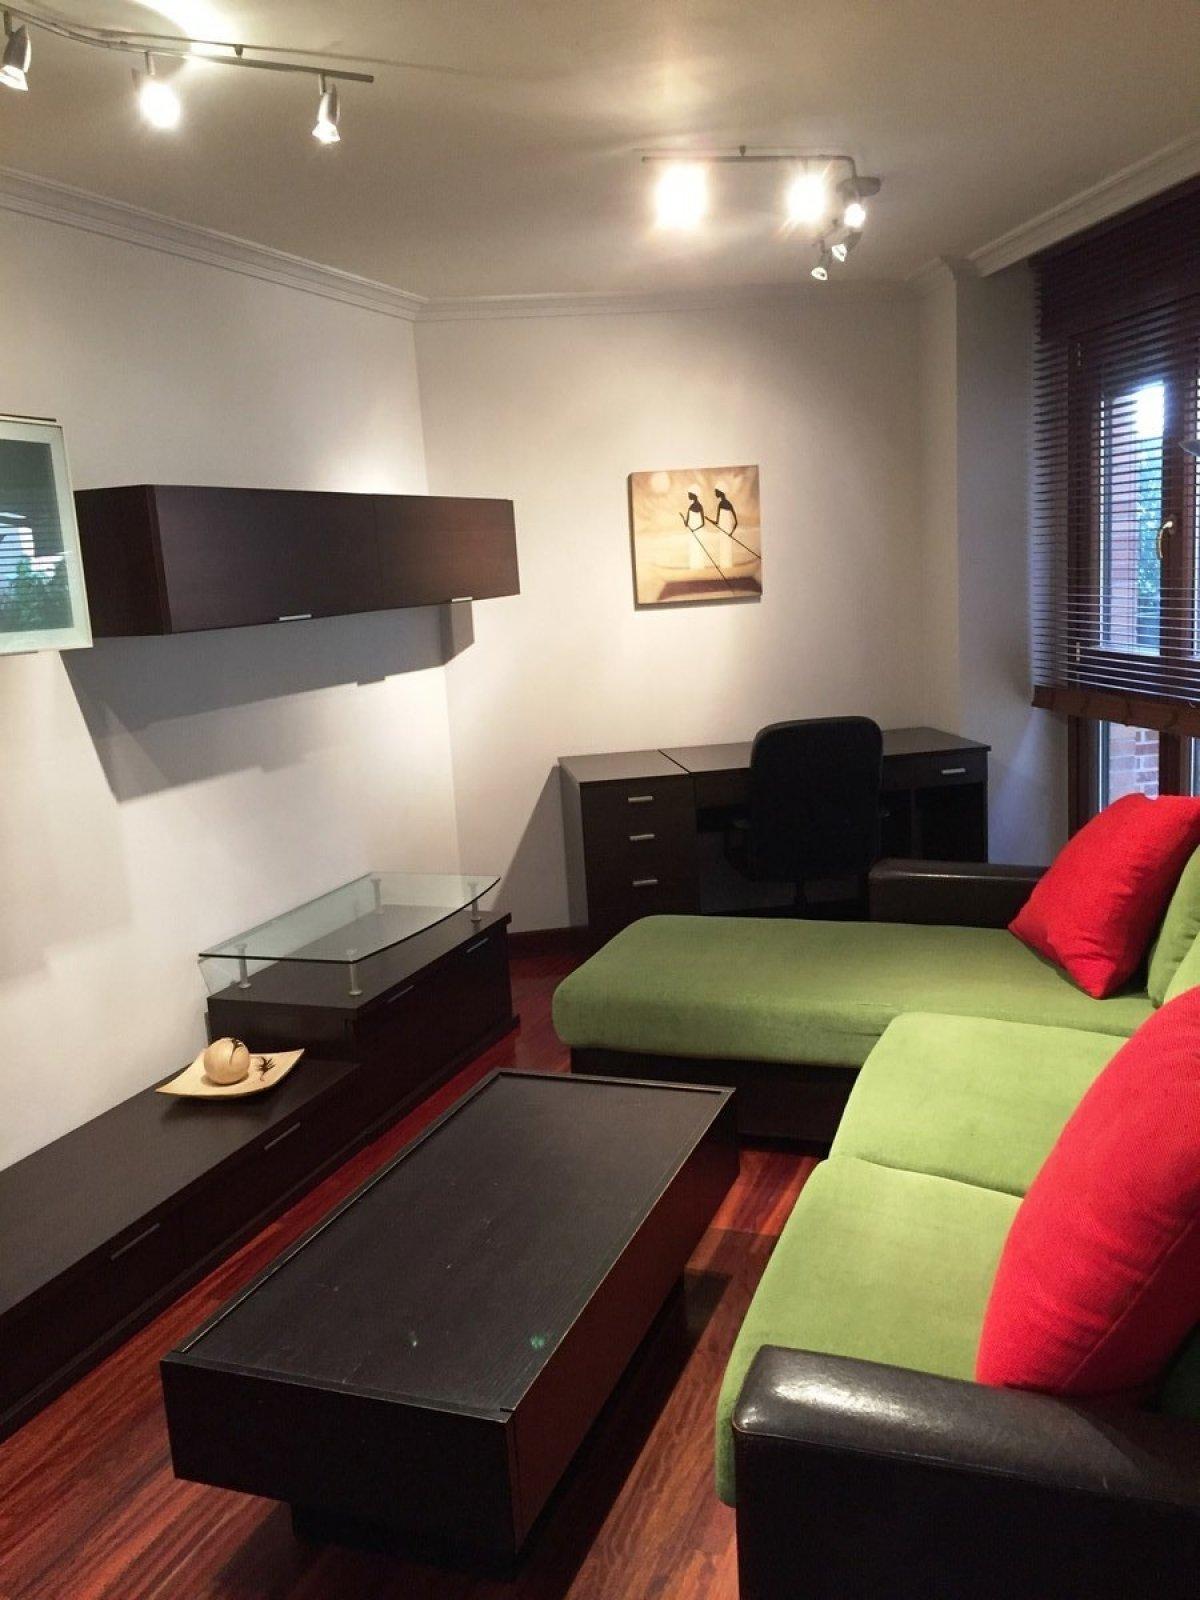 Venta de apartamento entre el huca y el campus del milán - imagenInmueble1